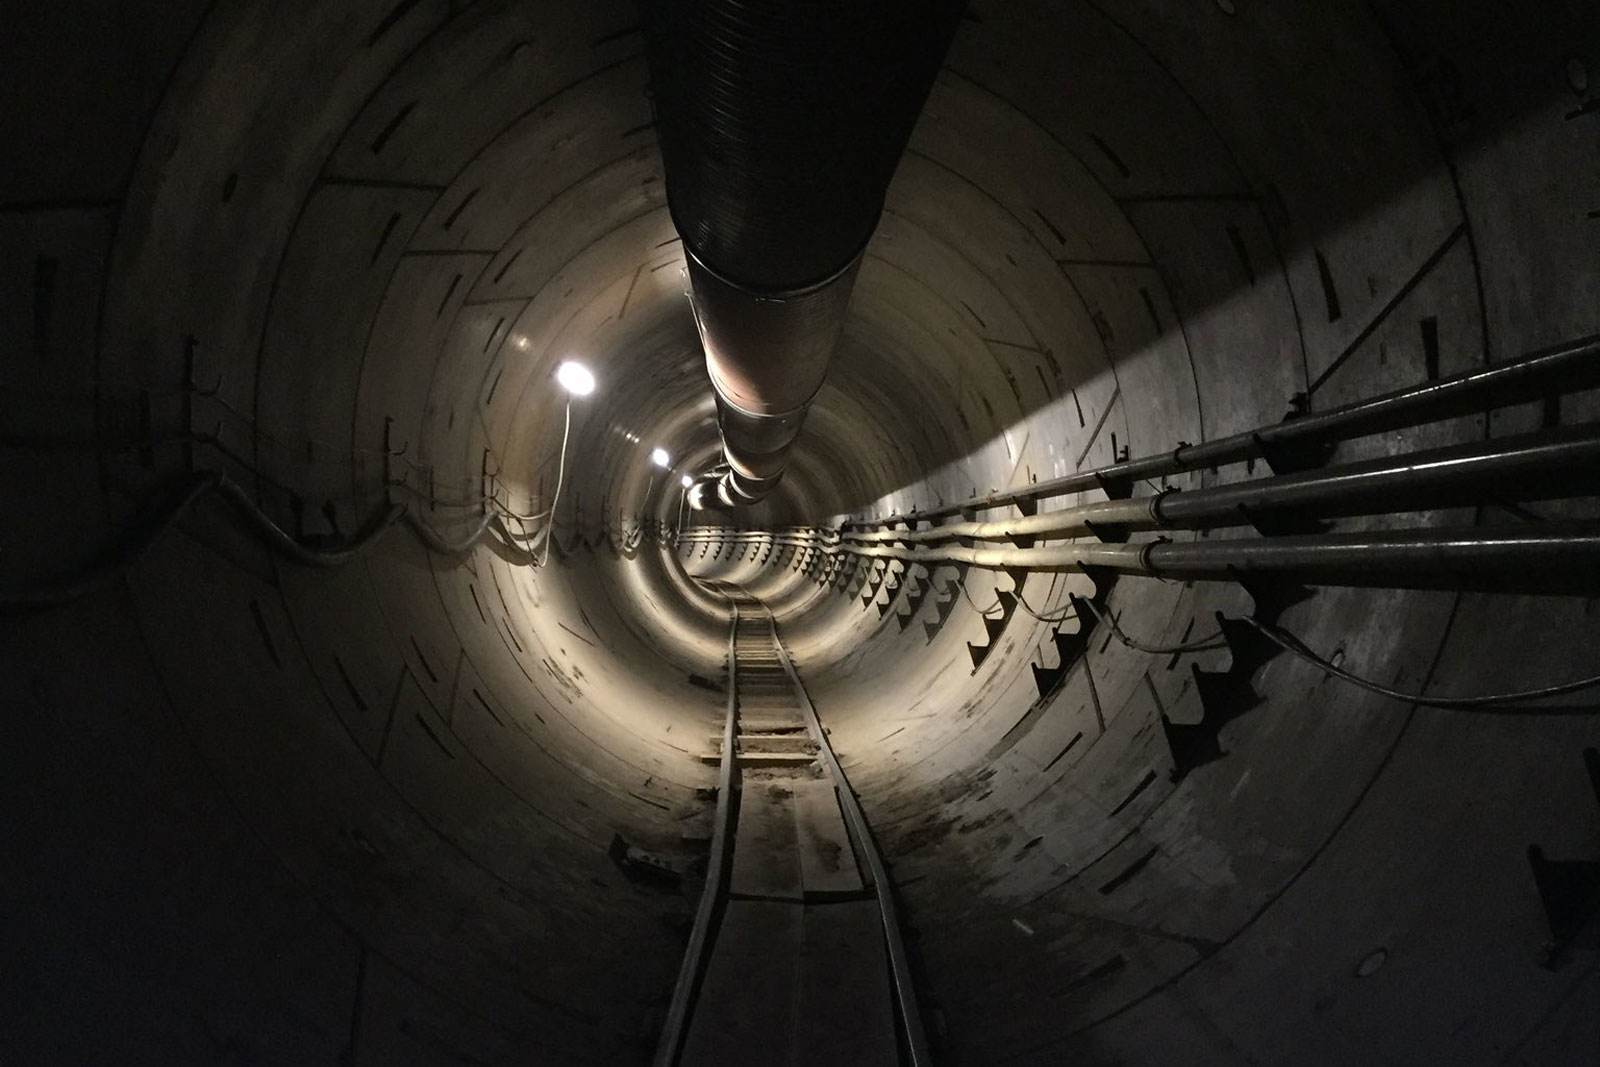 Поездки через подземный туннель Илона Маска будут бесплатными